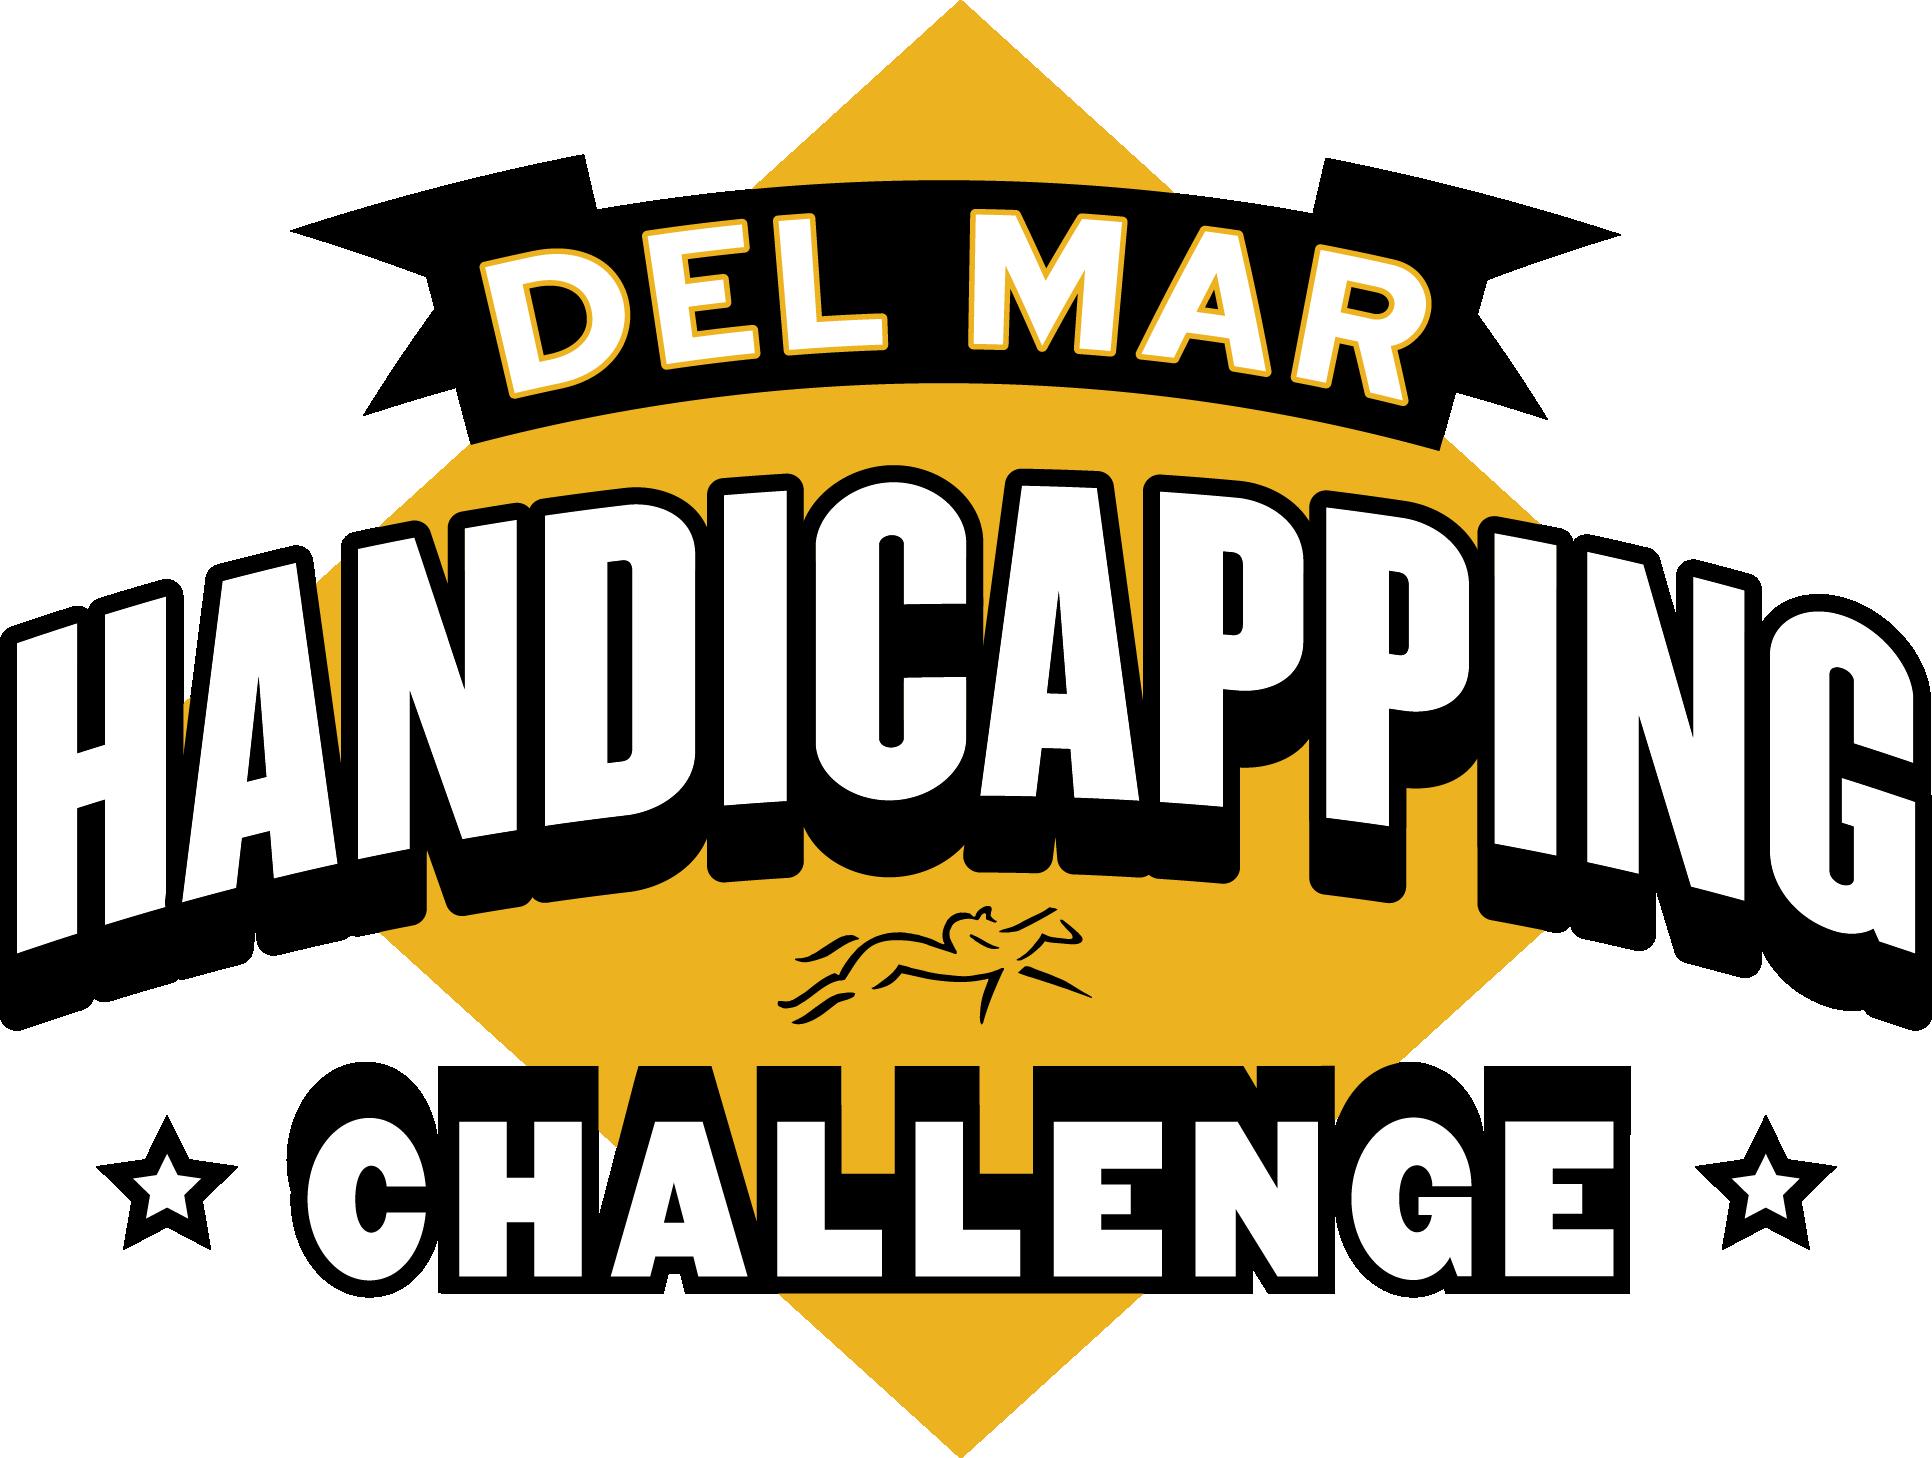 Del Mar Nov Handicapping Challenge